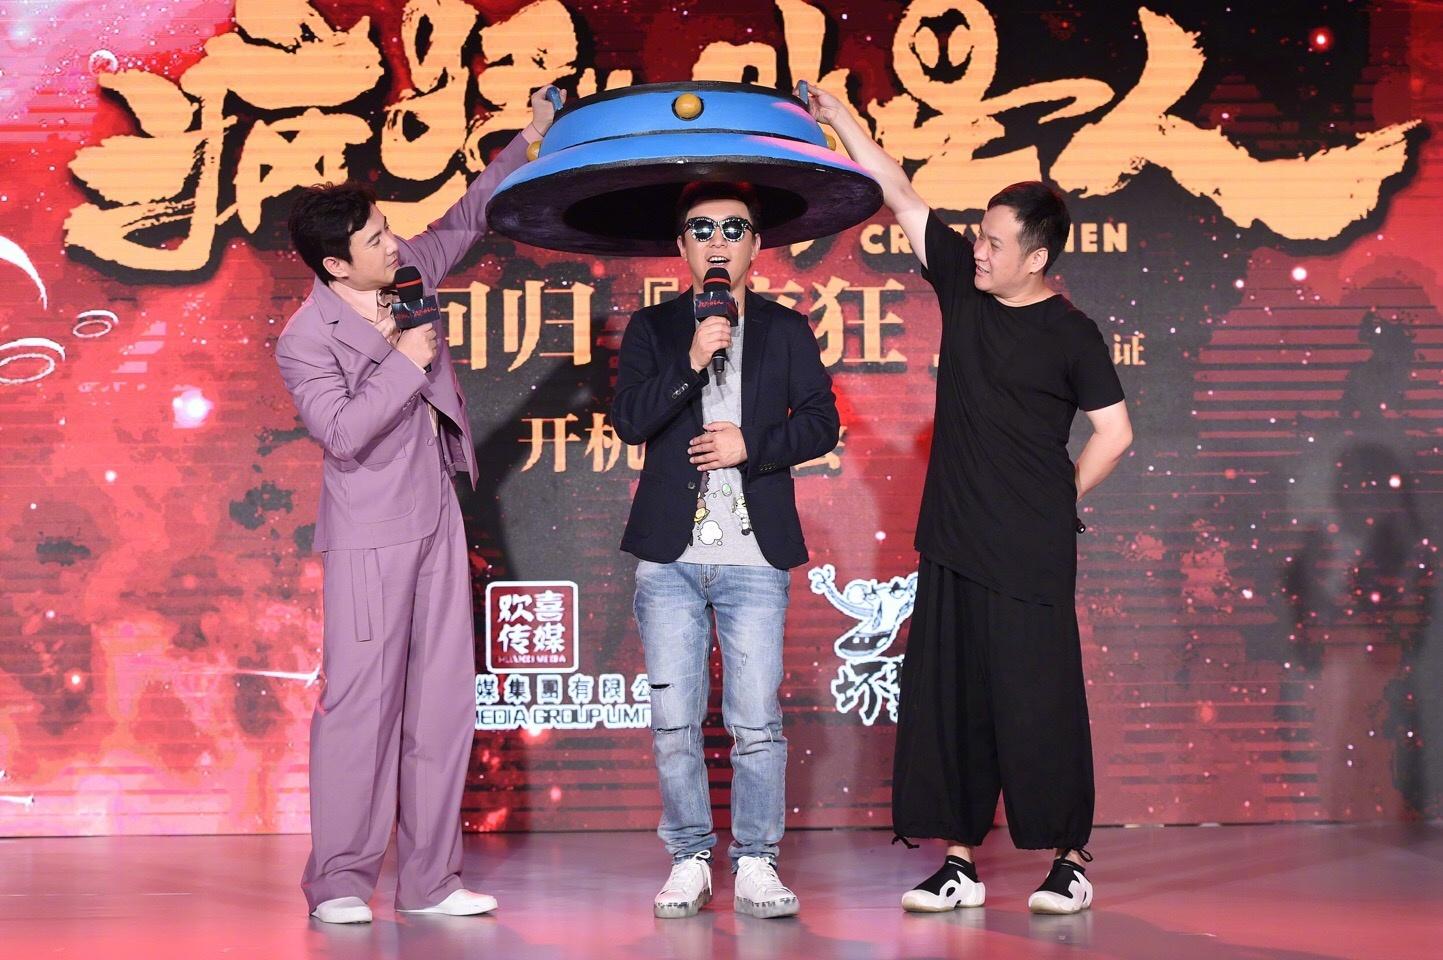 中国导演拍不了科幻片?宁浩《疯狂的外星人》开机的照片 - 1